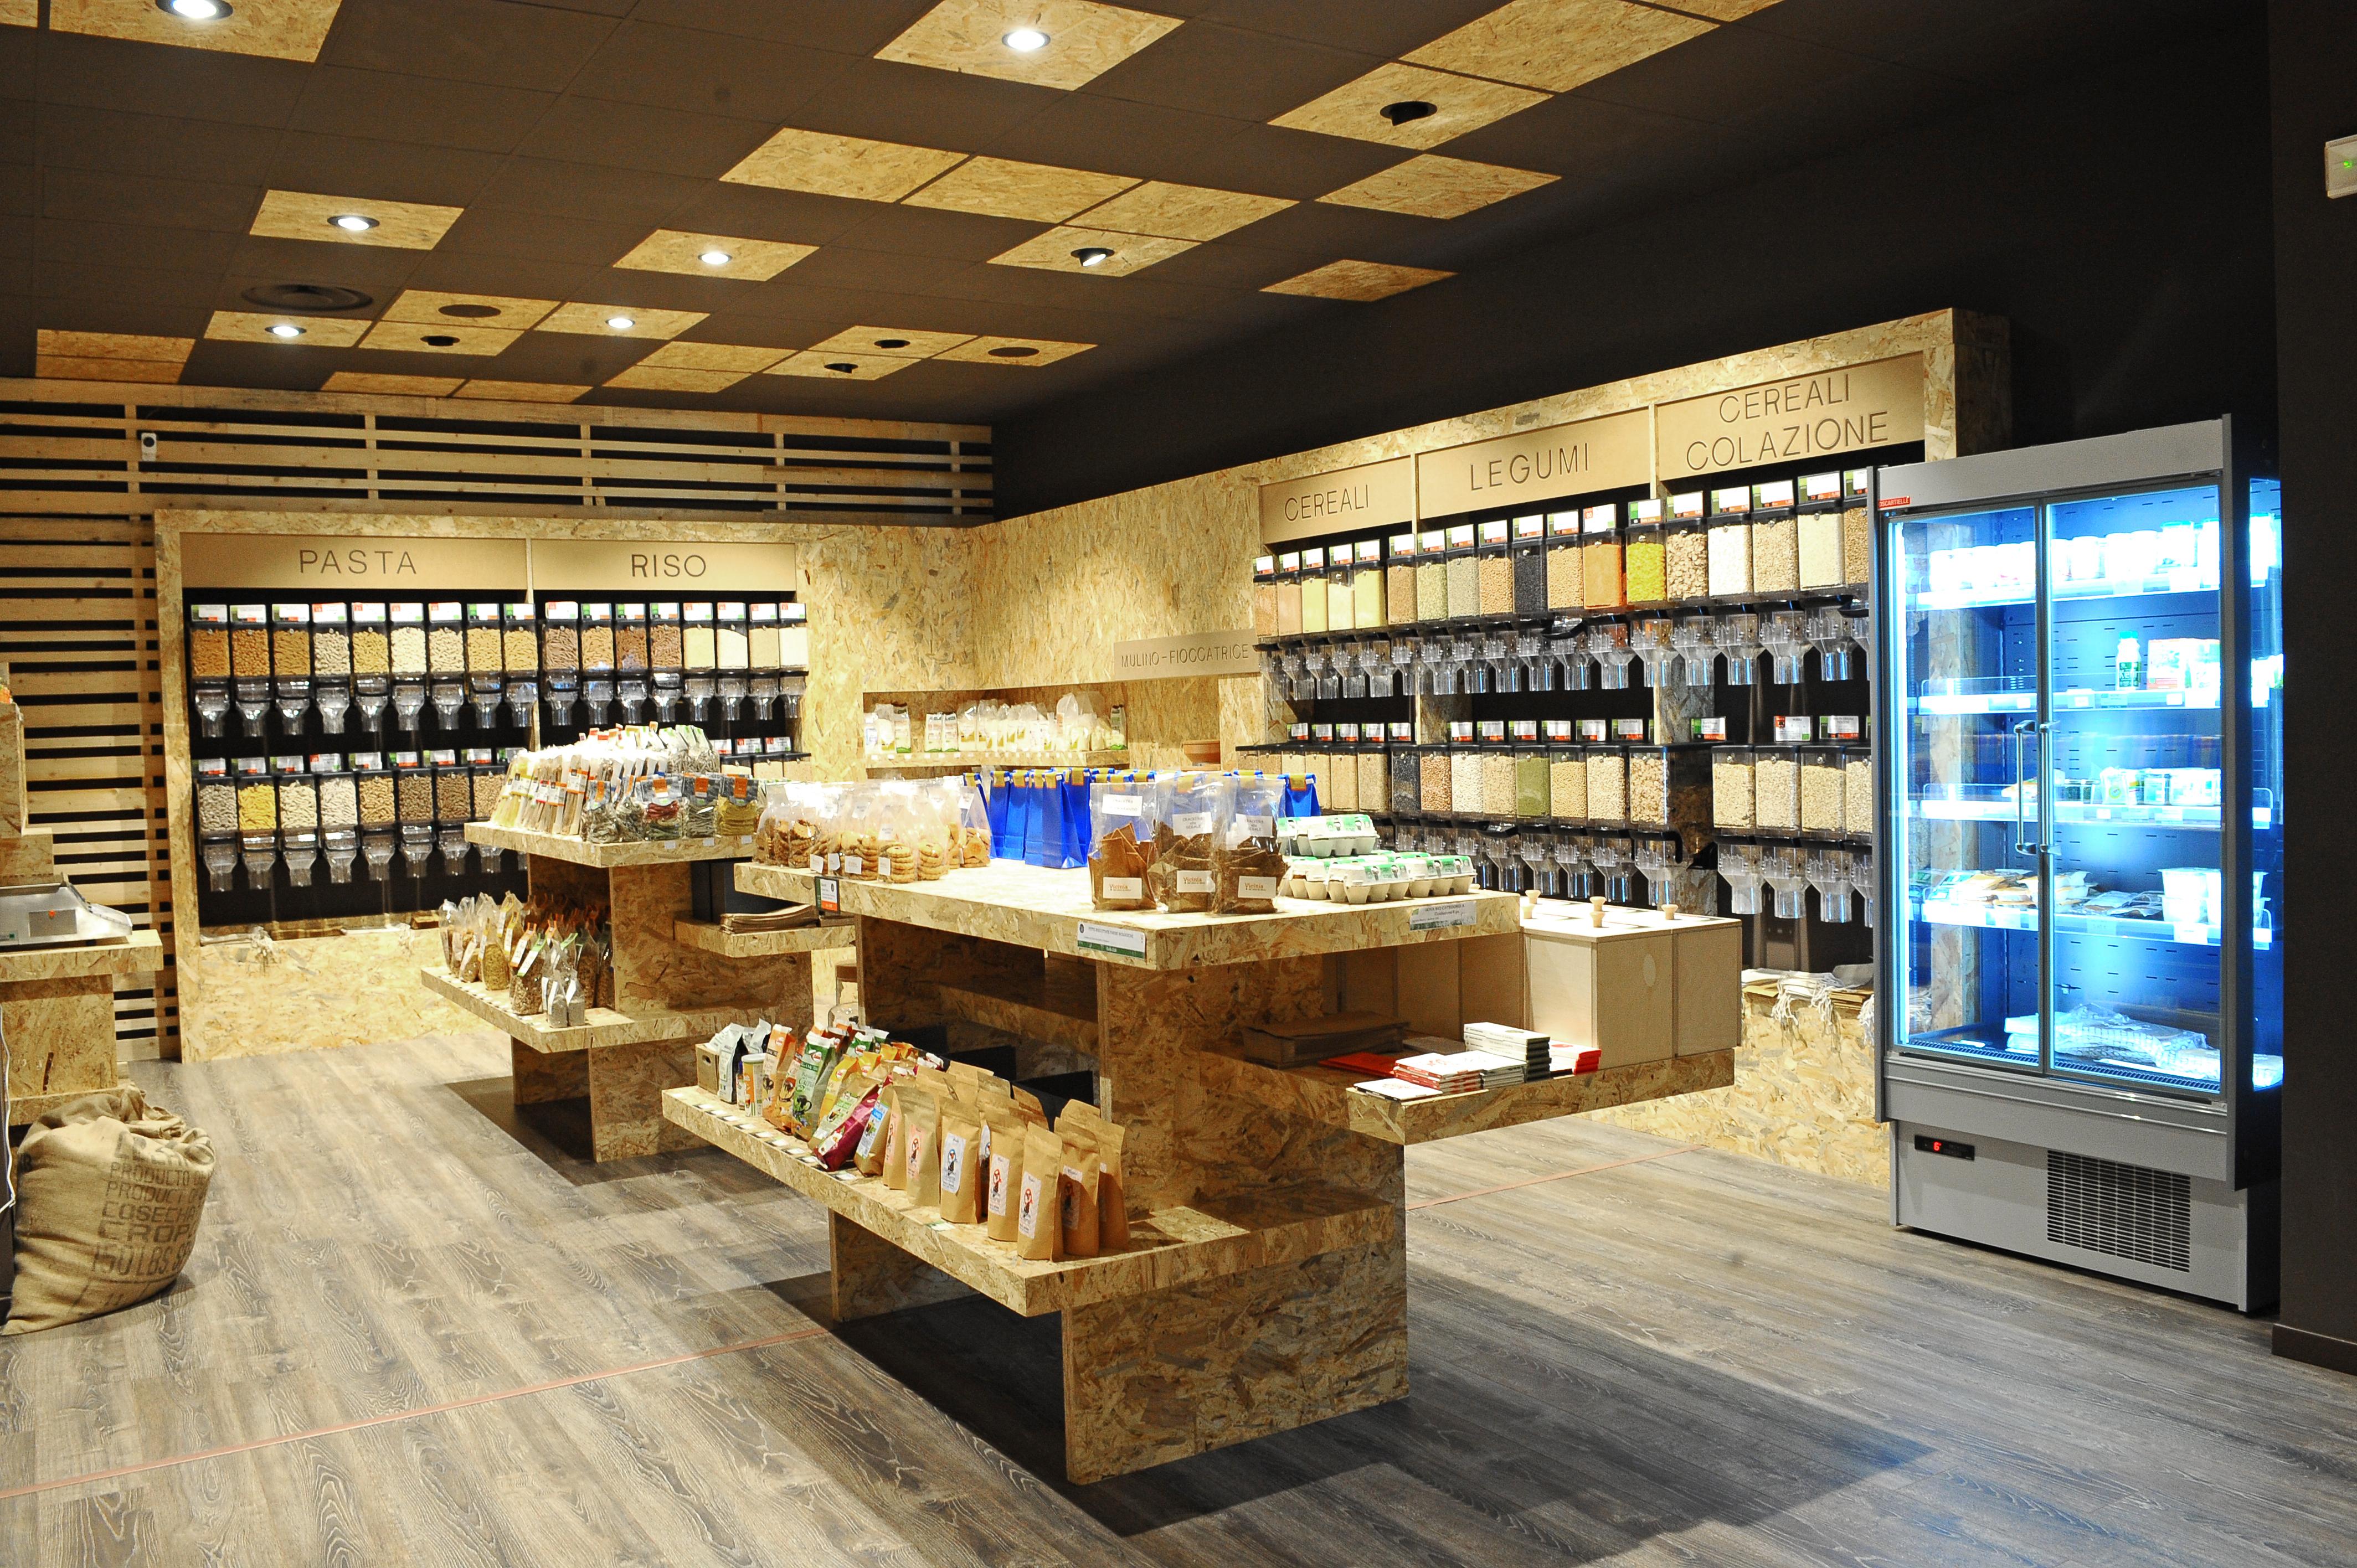 Negozio design foto informatica e hifi with negozio for Gioco di arredamento